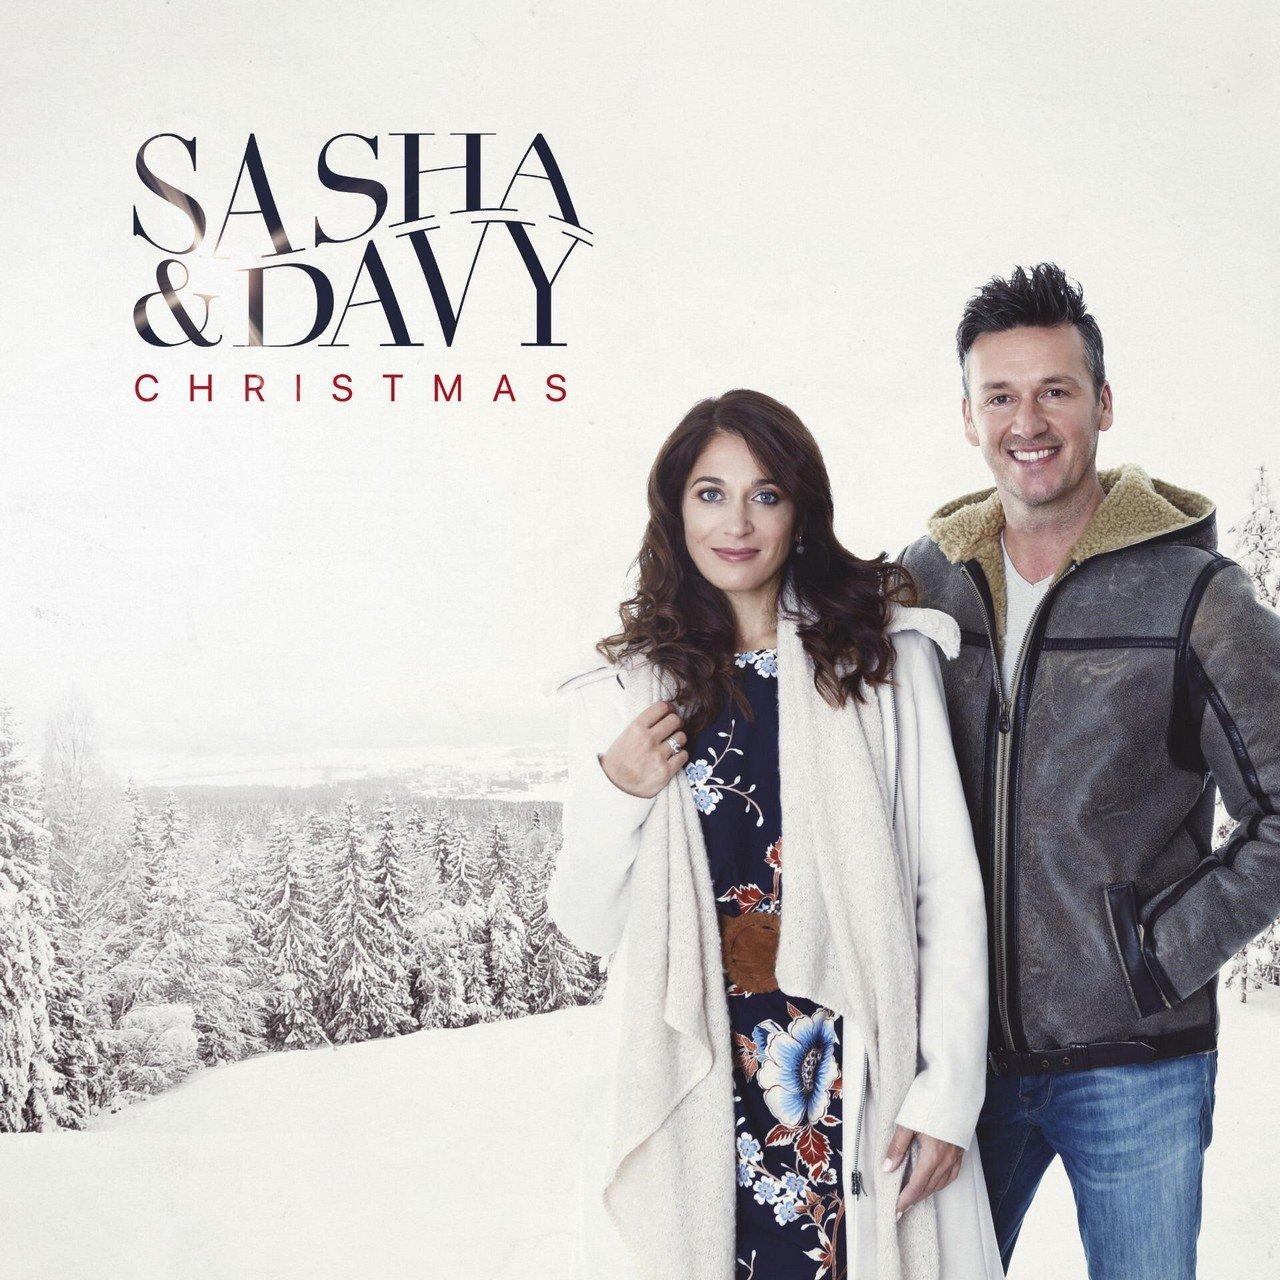 Sterkste openingsweekend ooit voor Winterland Hasselt - Hoes Sasha Davy Christmas